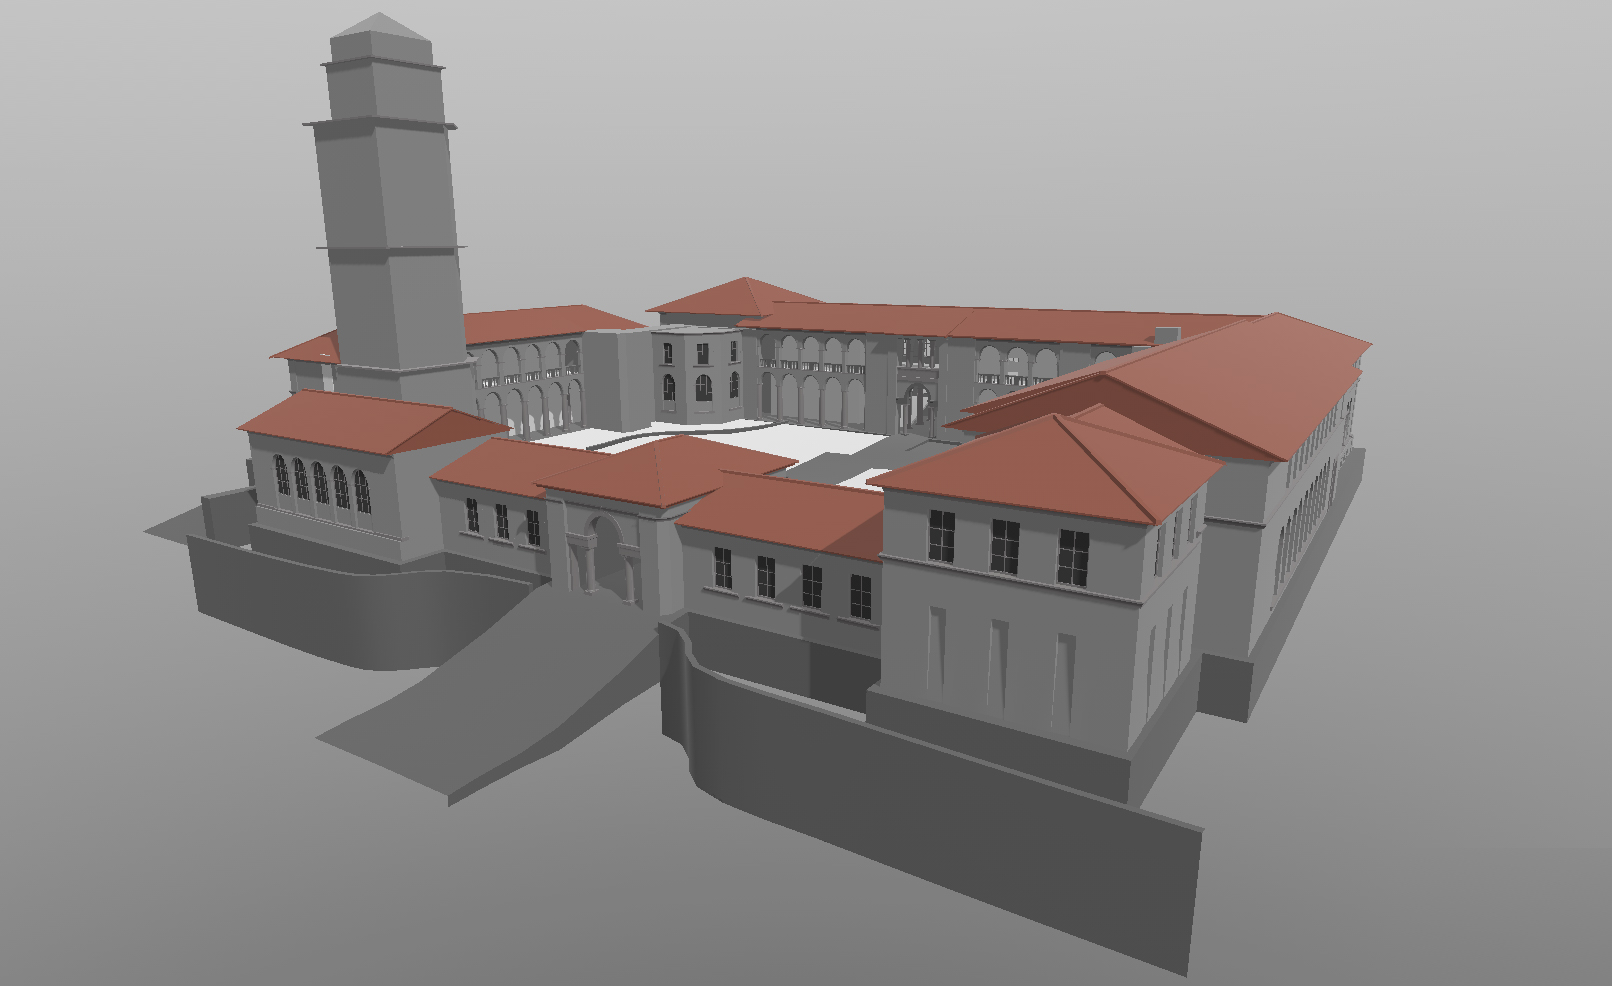 University facility